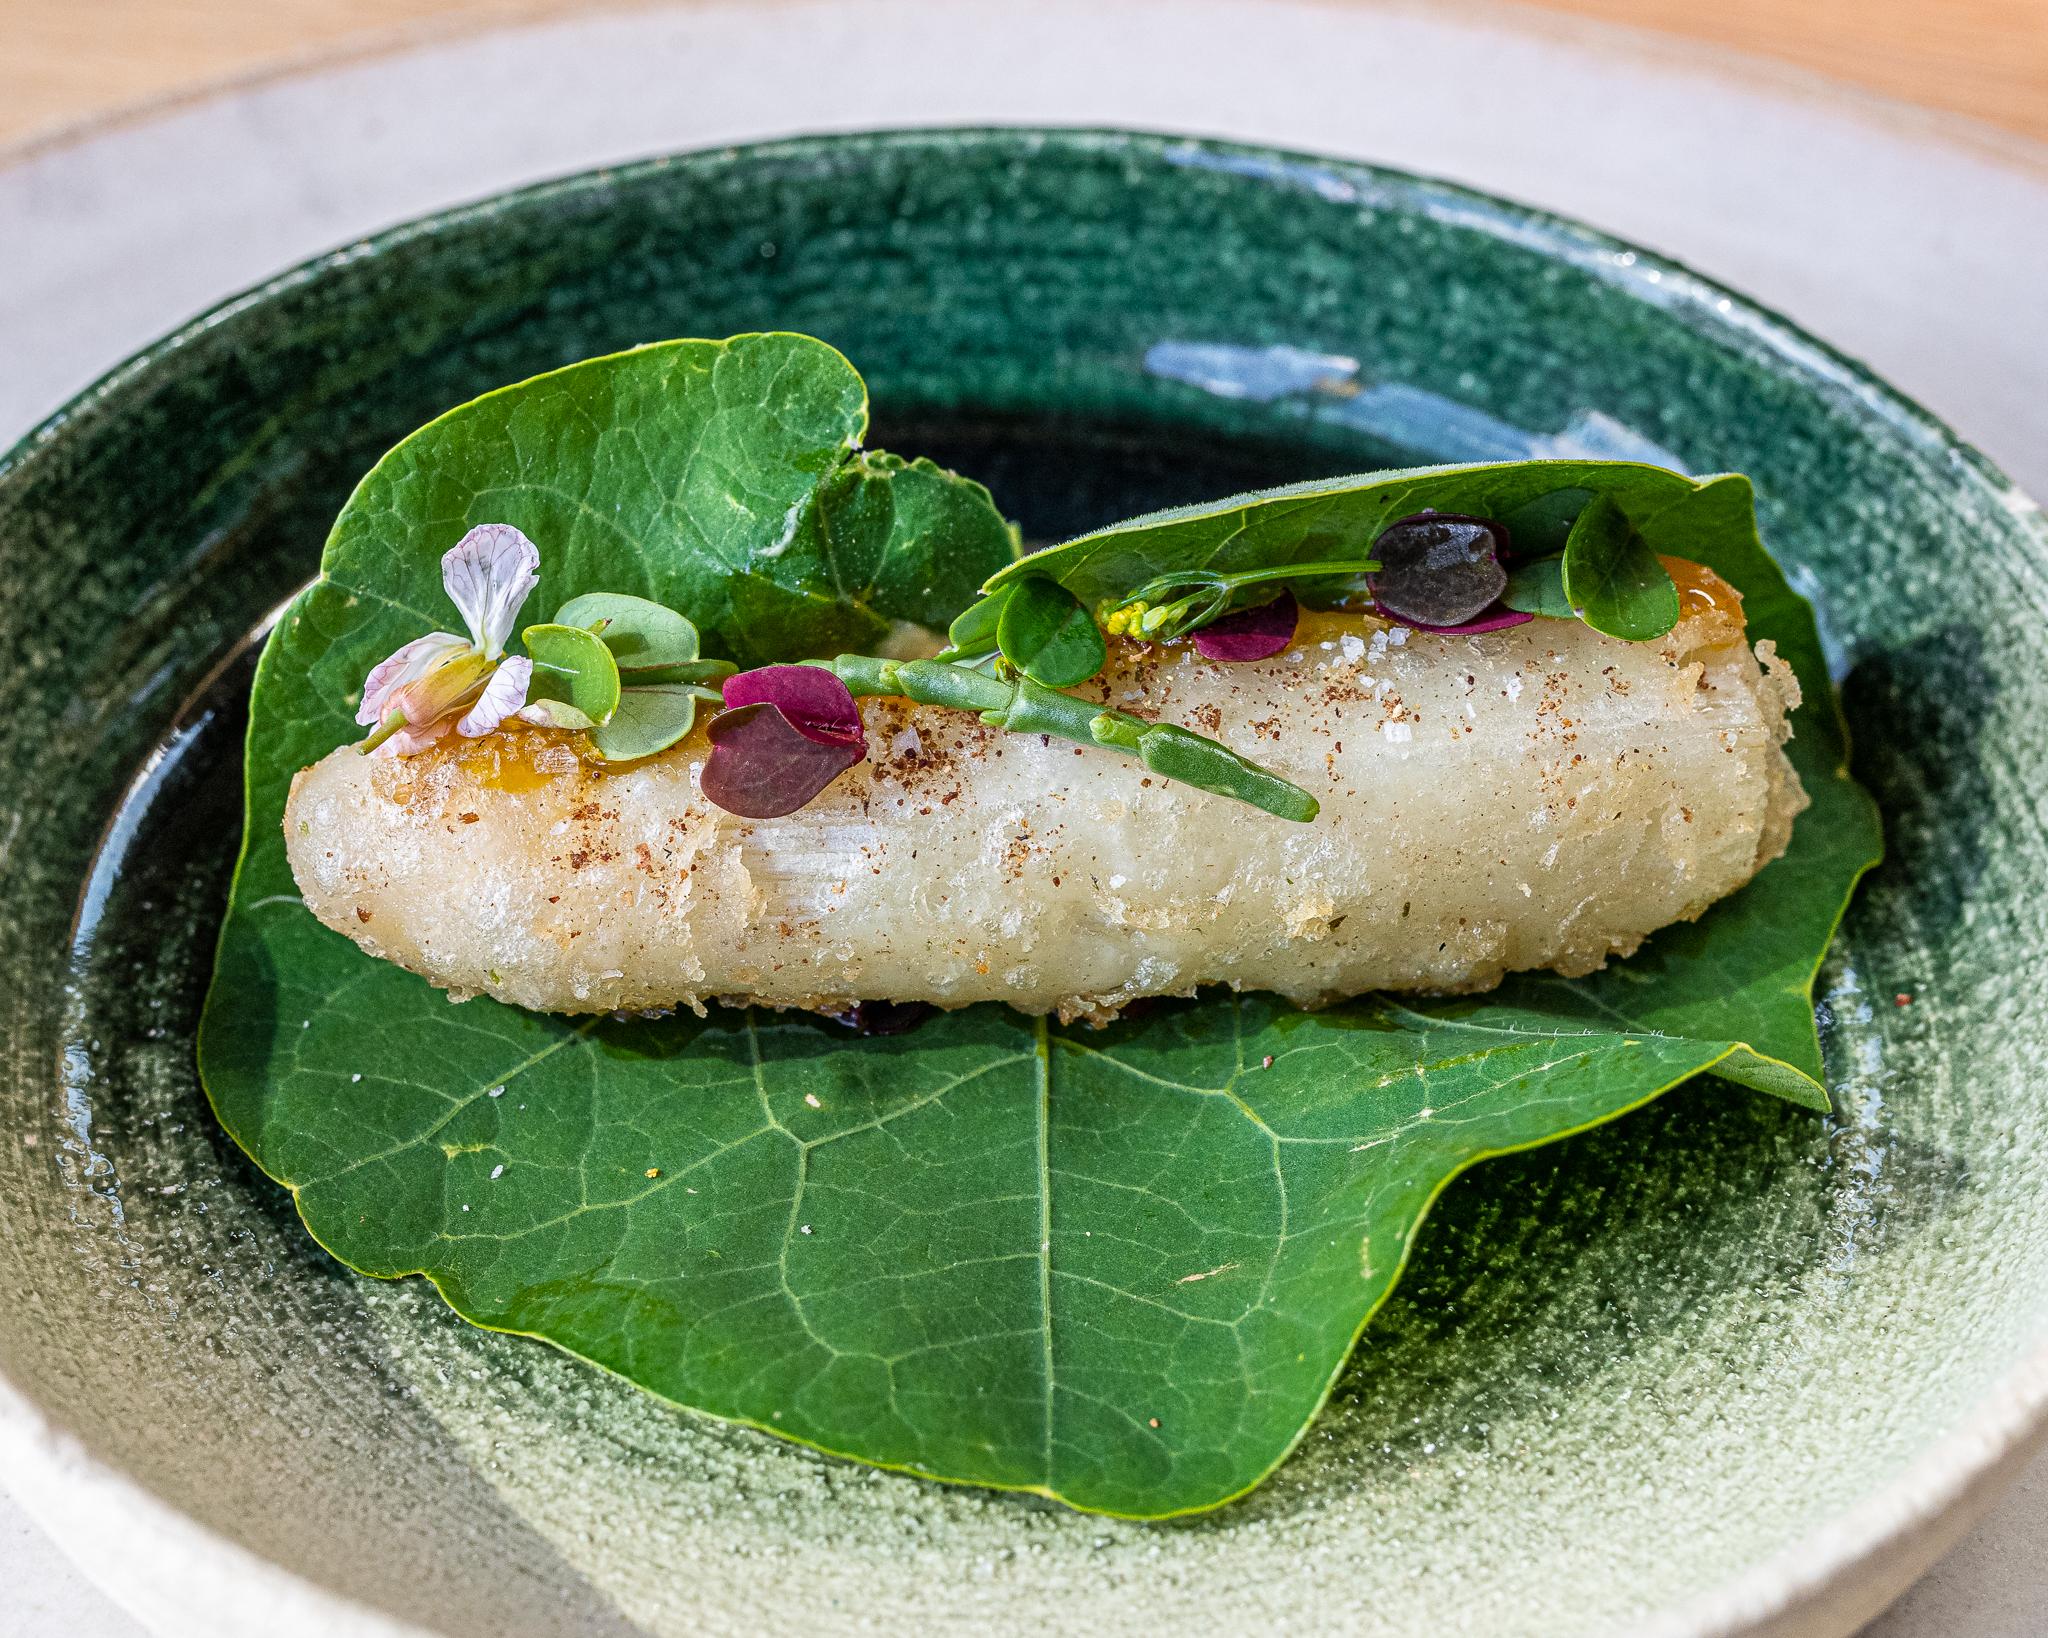 White Asparagus with Egg Yolk Sauce